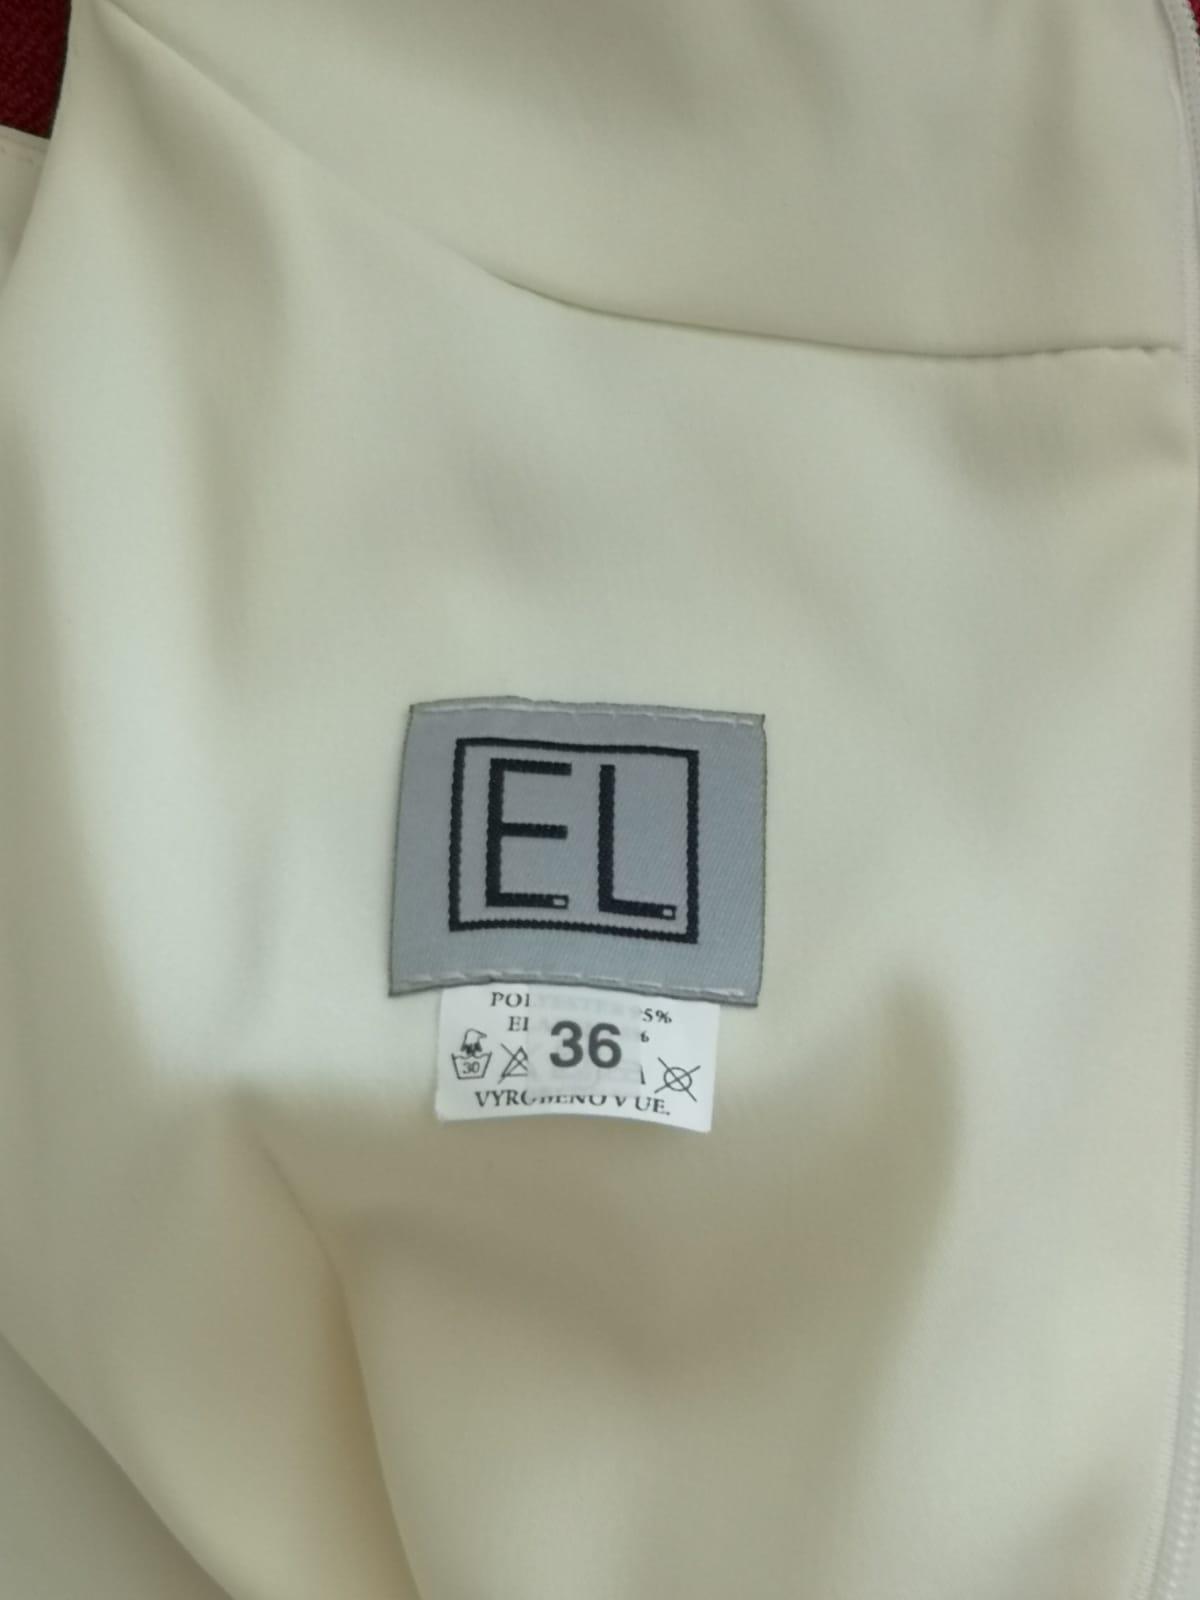 Šaty EL vel. 36 - Obrázek č. 3